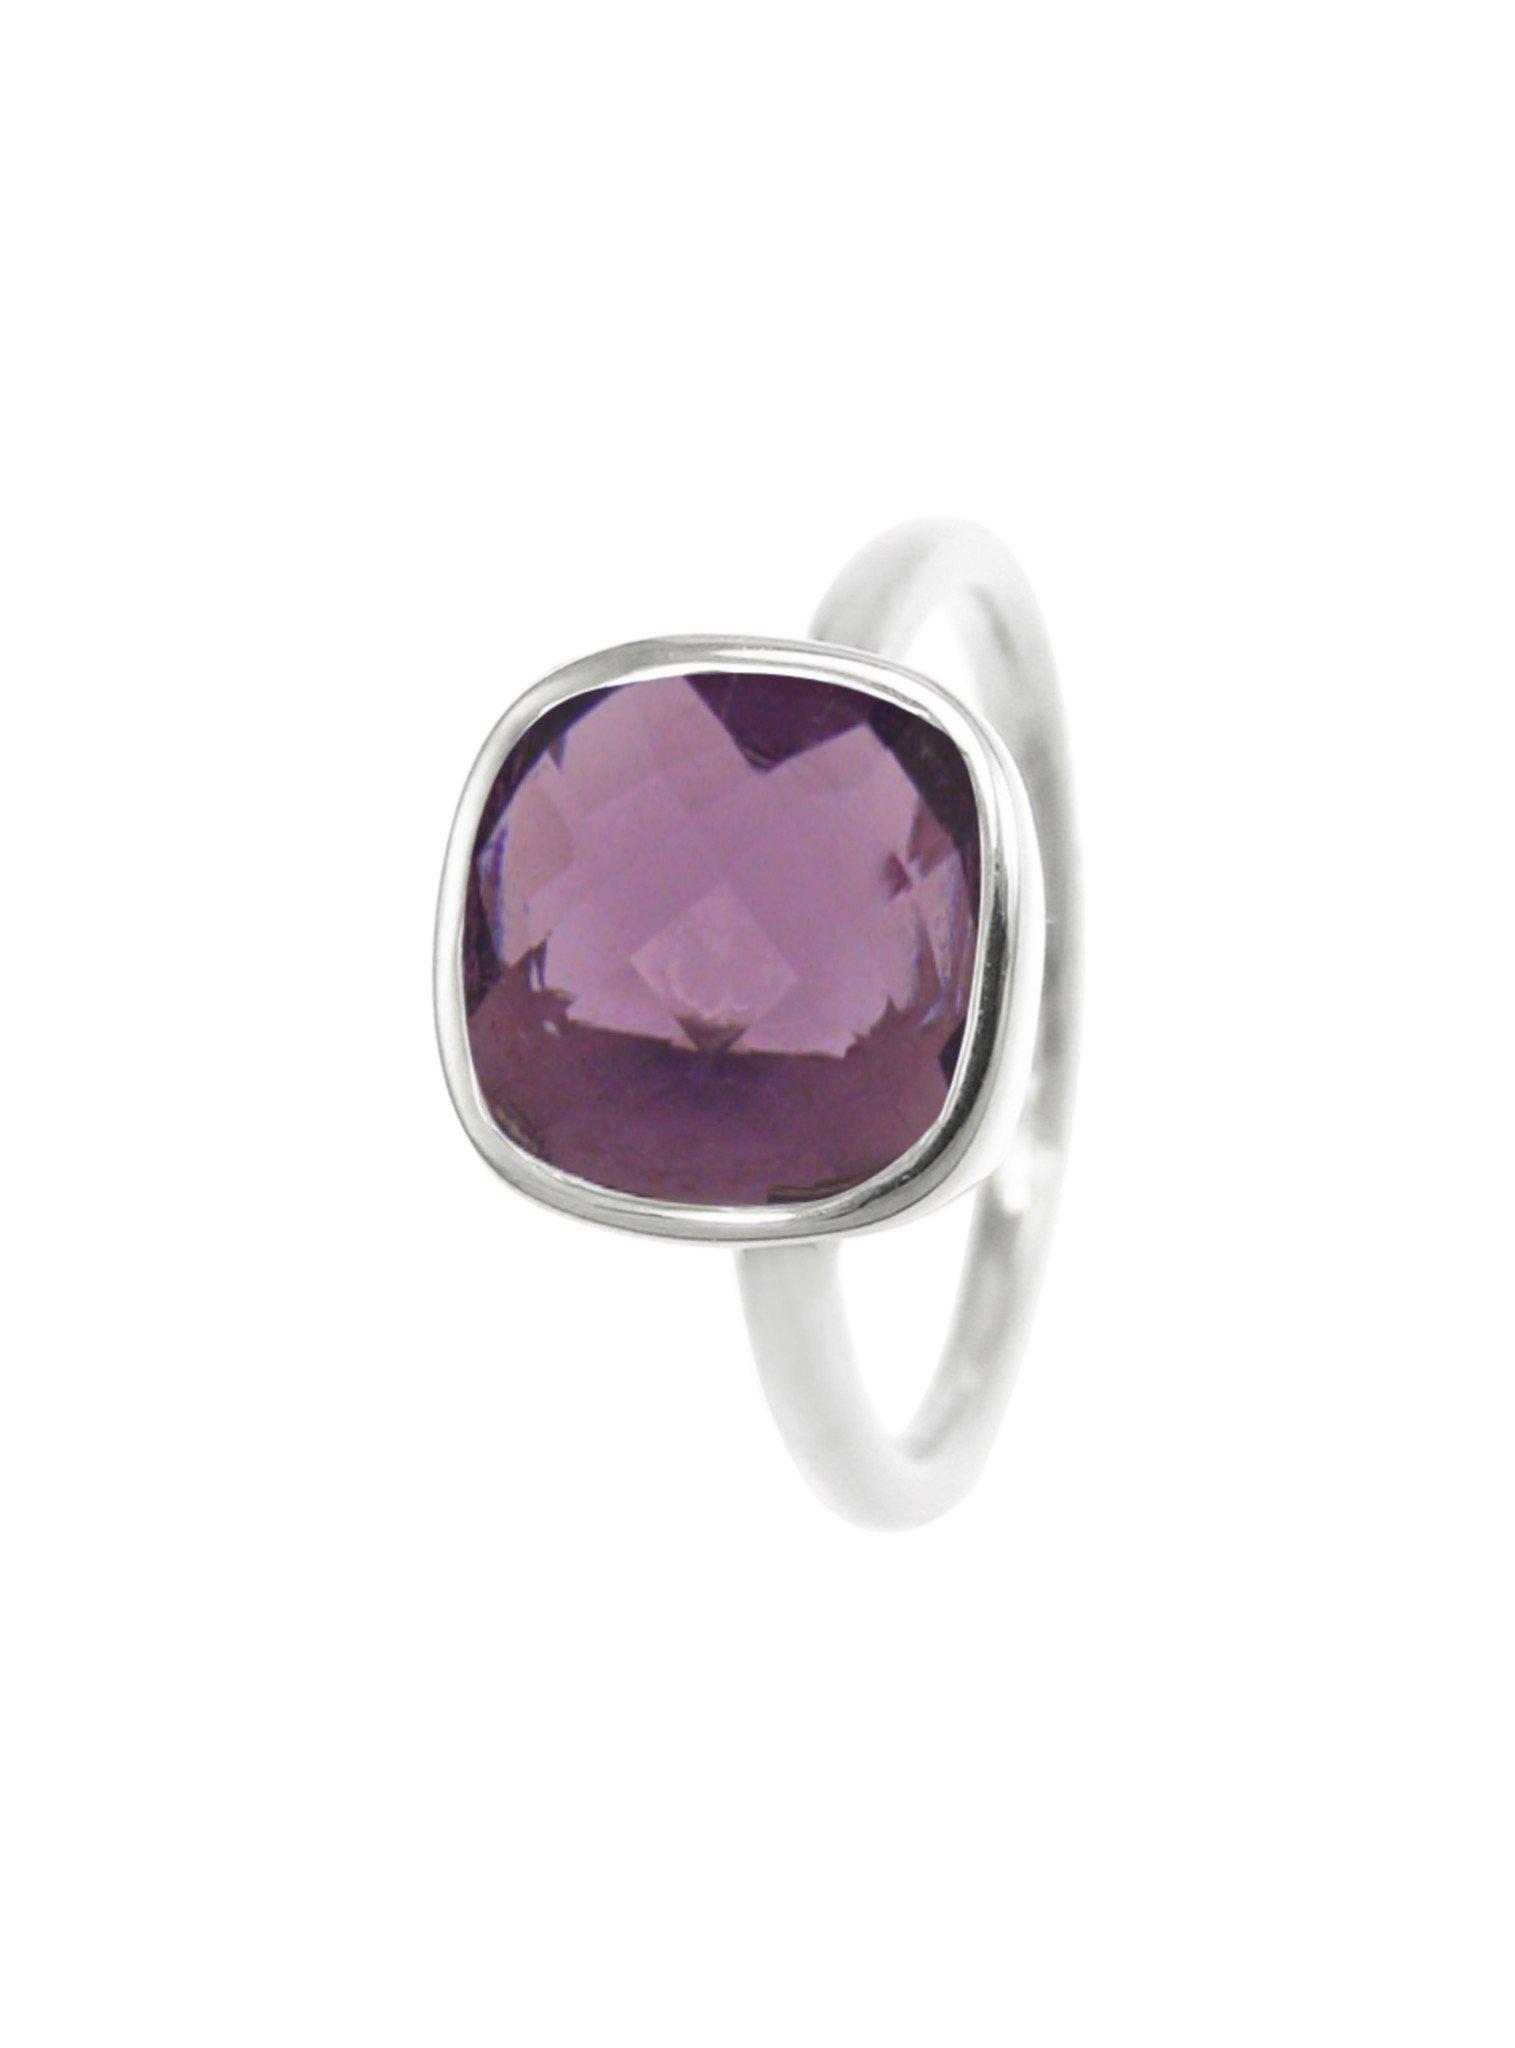 Indie Amethyst Gemstone Ring in Silver